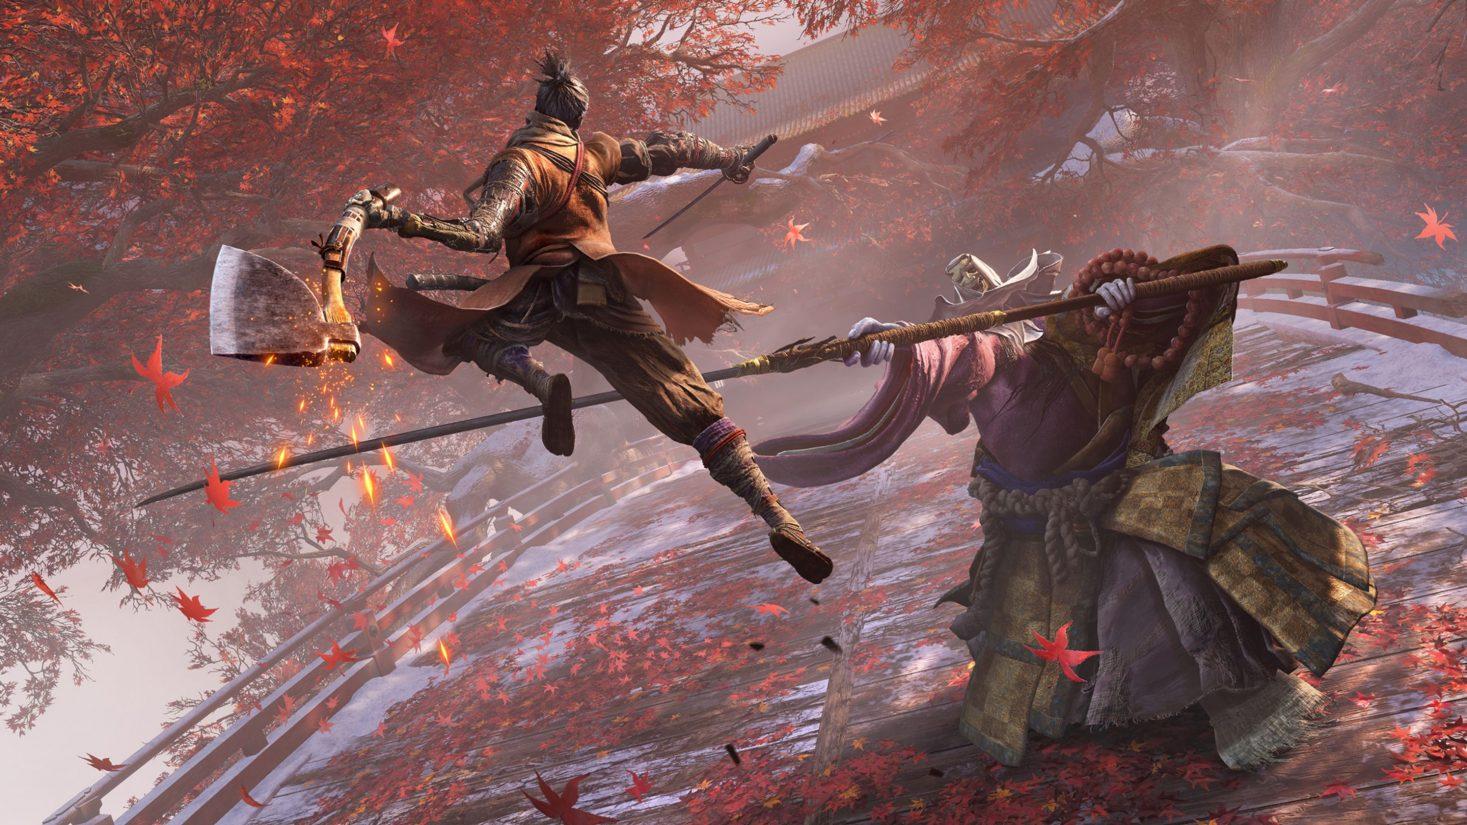 Skjermbilde fra spillet Sekiro: Shadows Die Twice til PlayStation 4 fra utvikleren From Software.